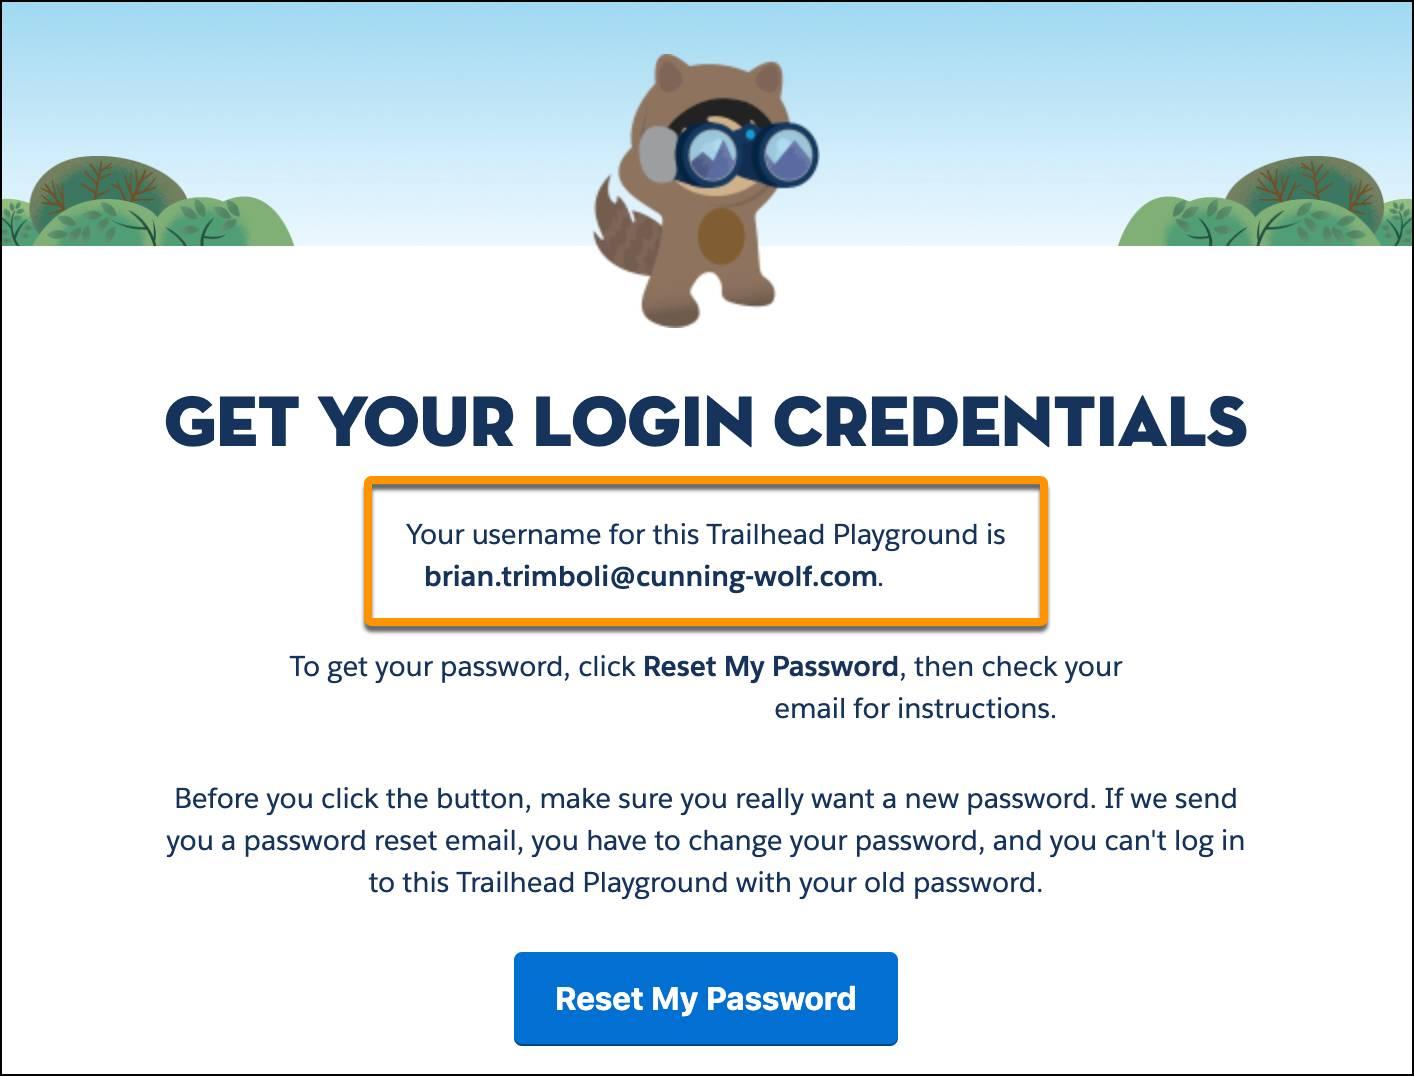 La página Obtener sus credenciales de inicio de sesión de la aplicación Trailhead Tips, con una llamada al nombre de usuario